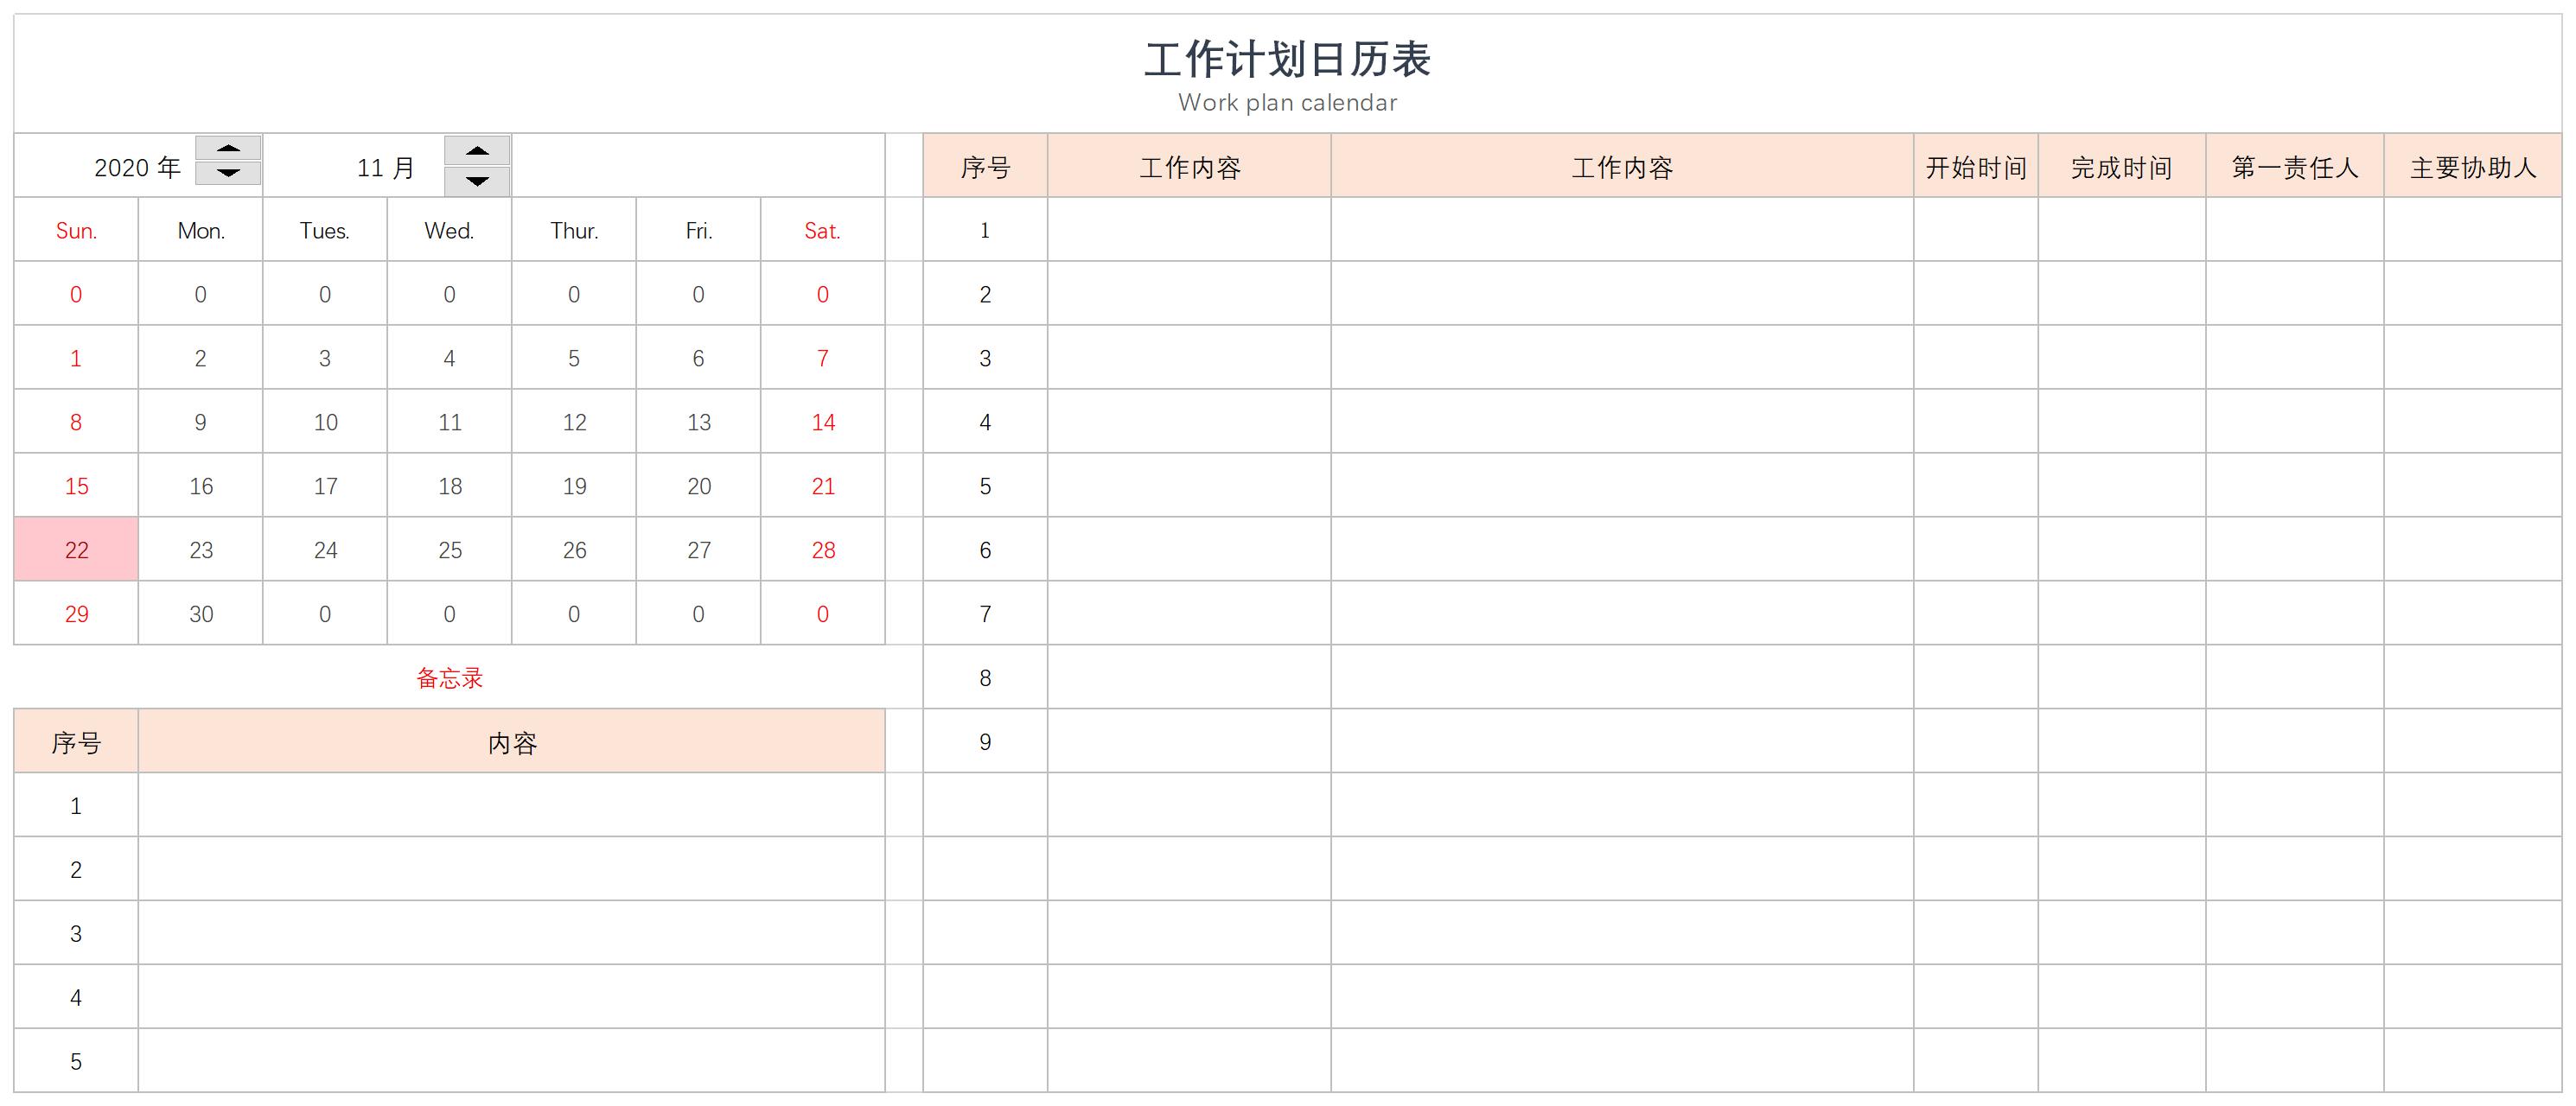 工作计划日历表截图